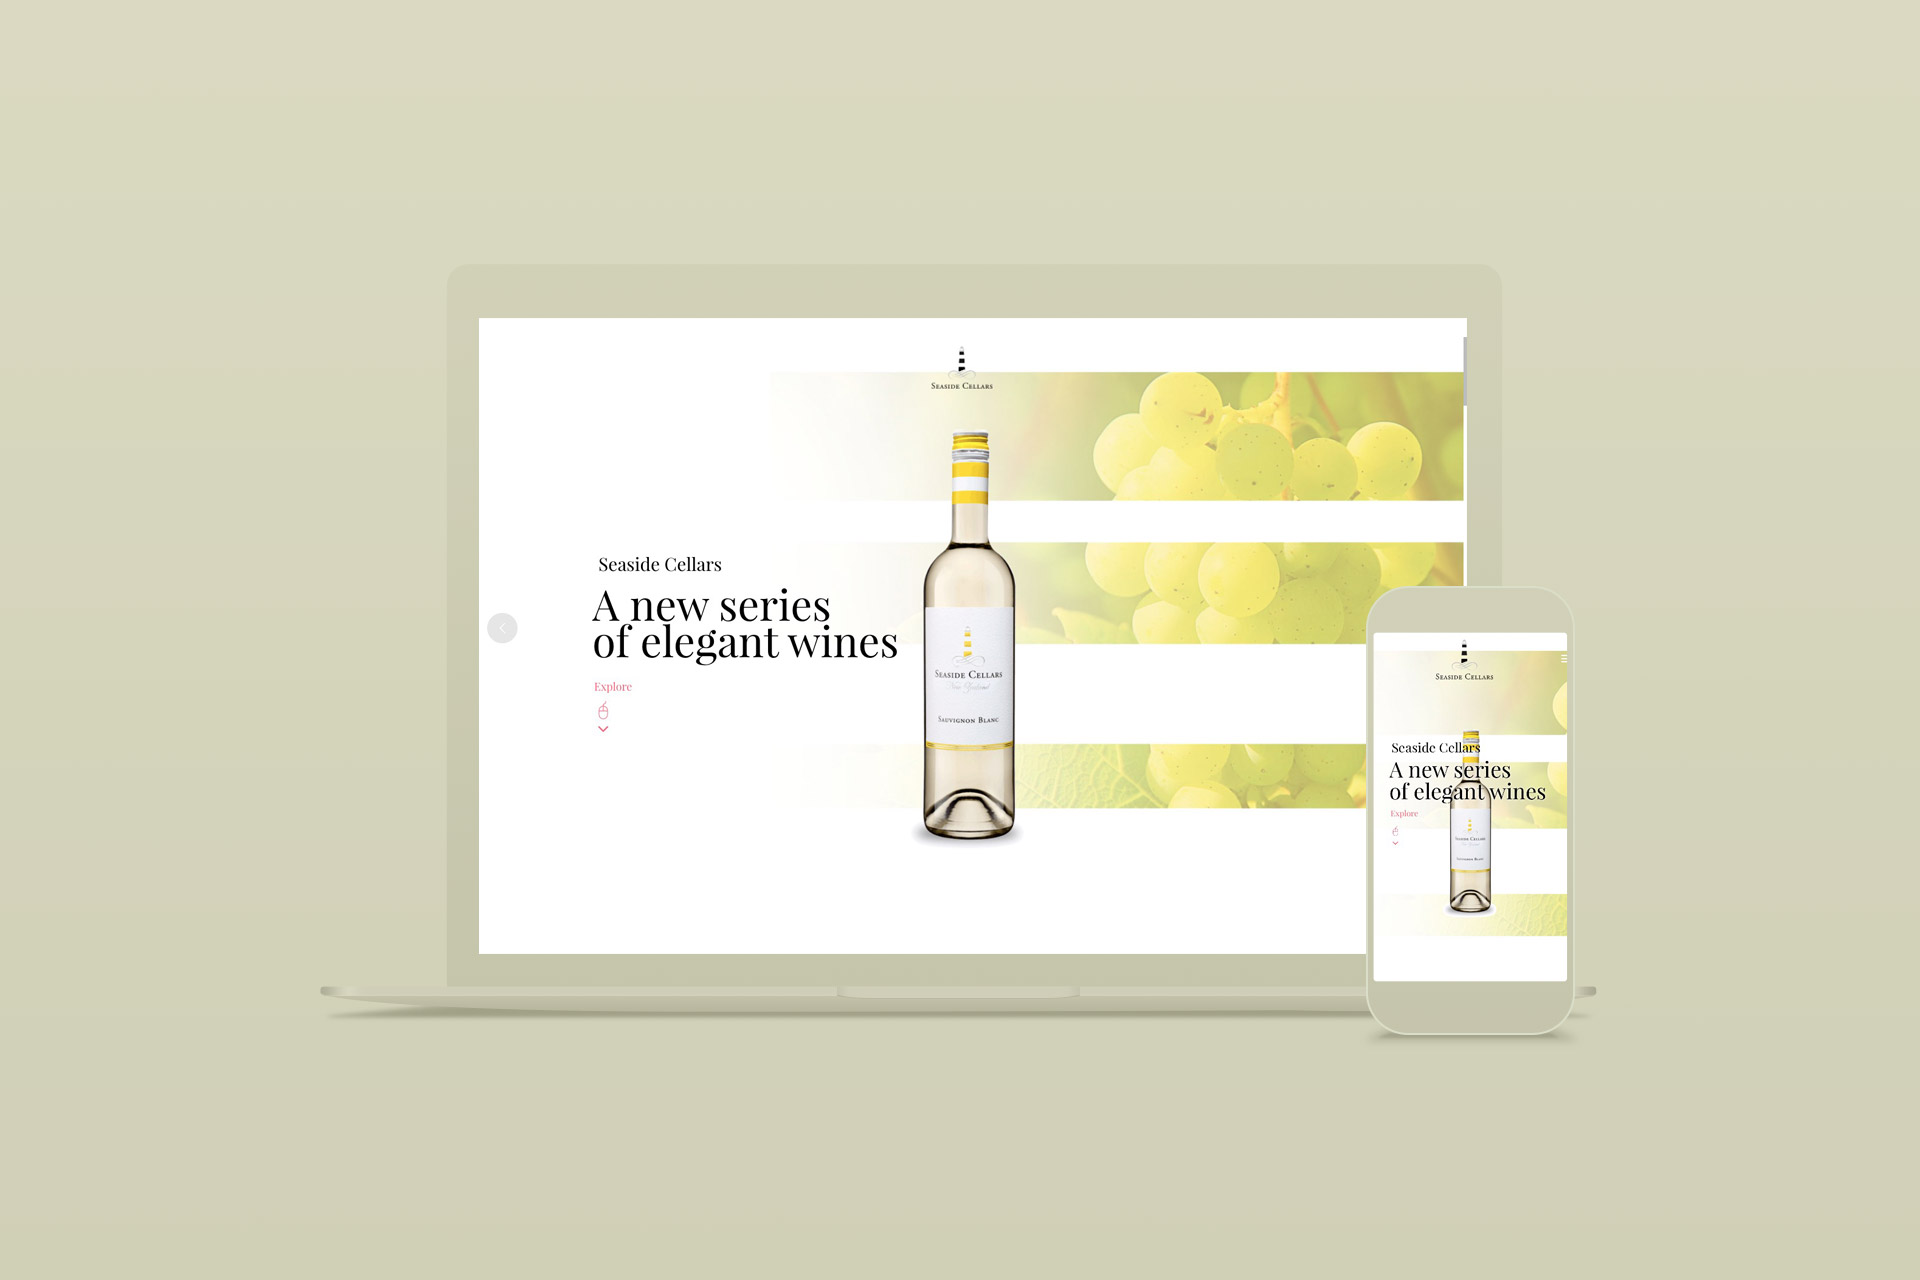 Création du site internet wordpress sur-mesure de Seaside cellars, producteur de vins